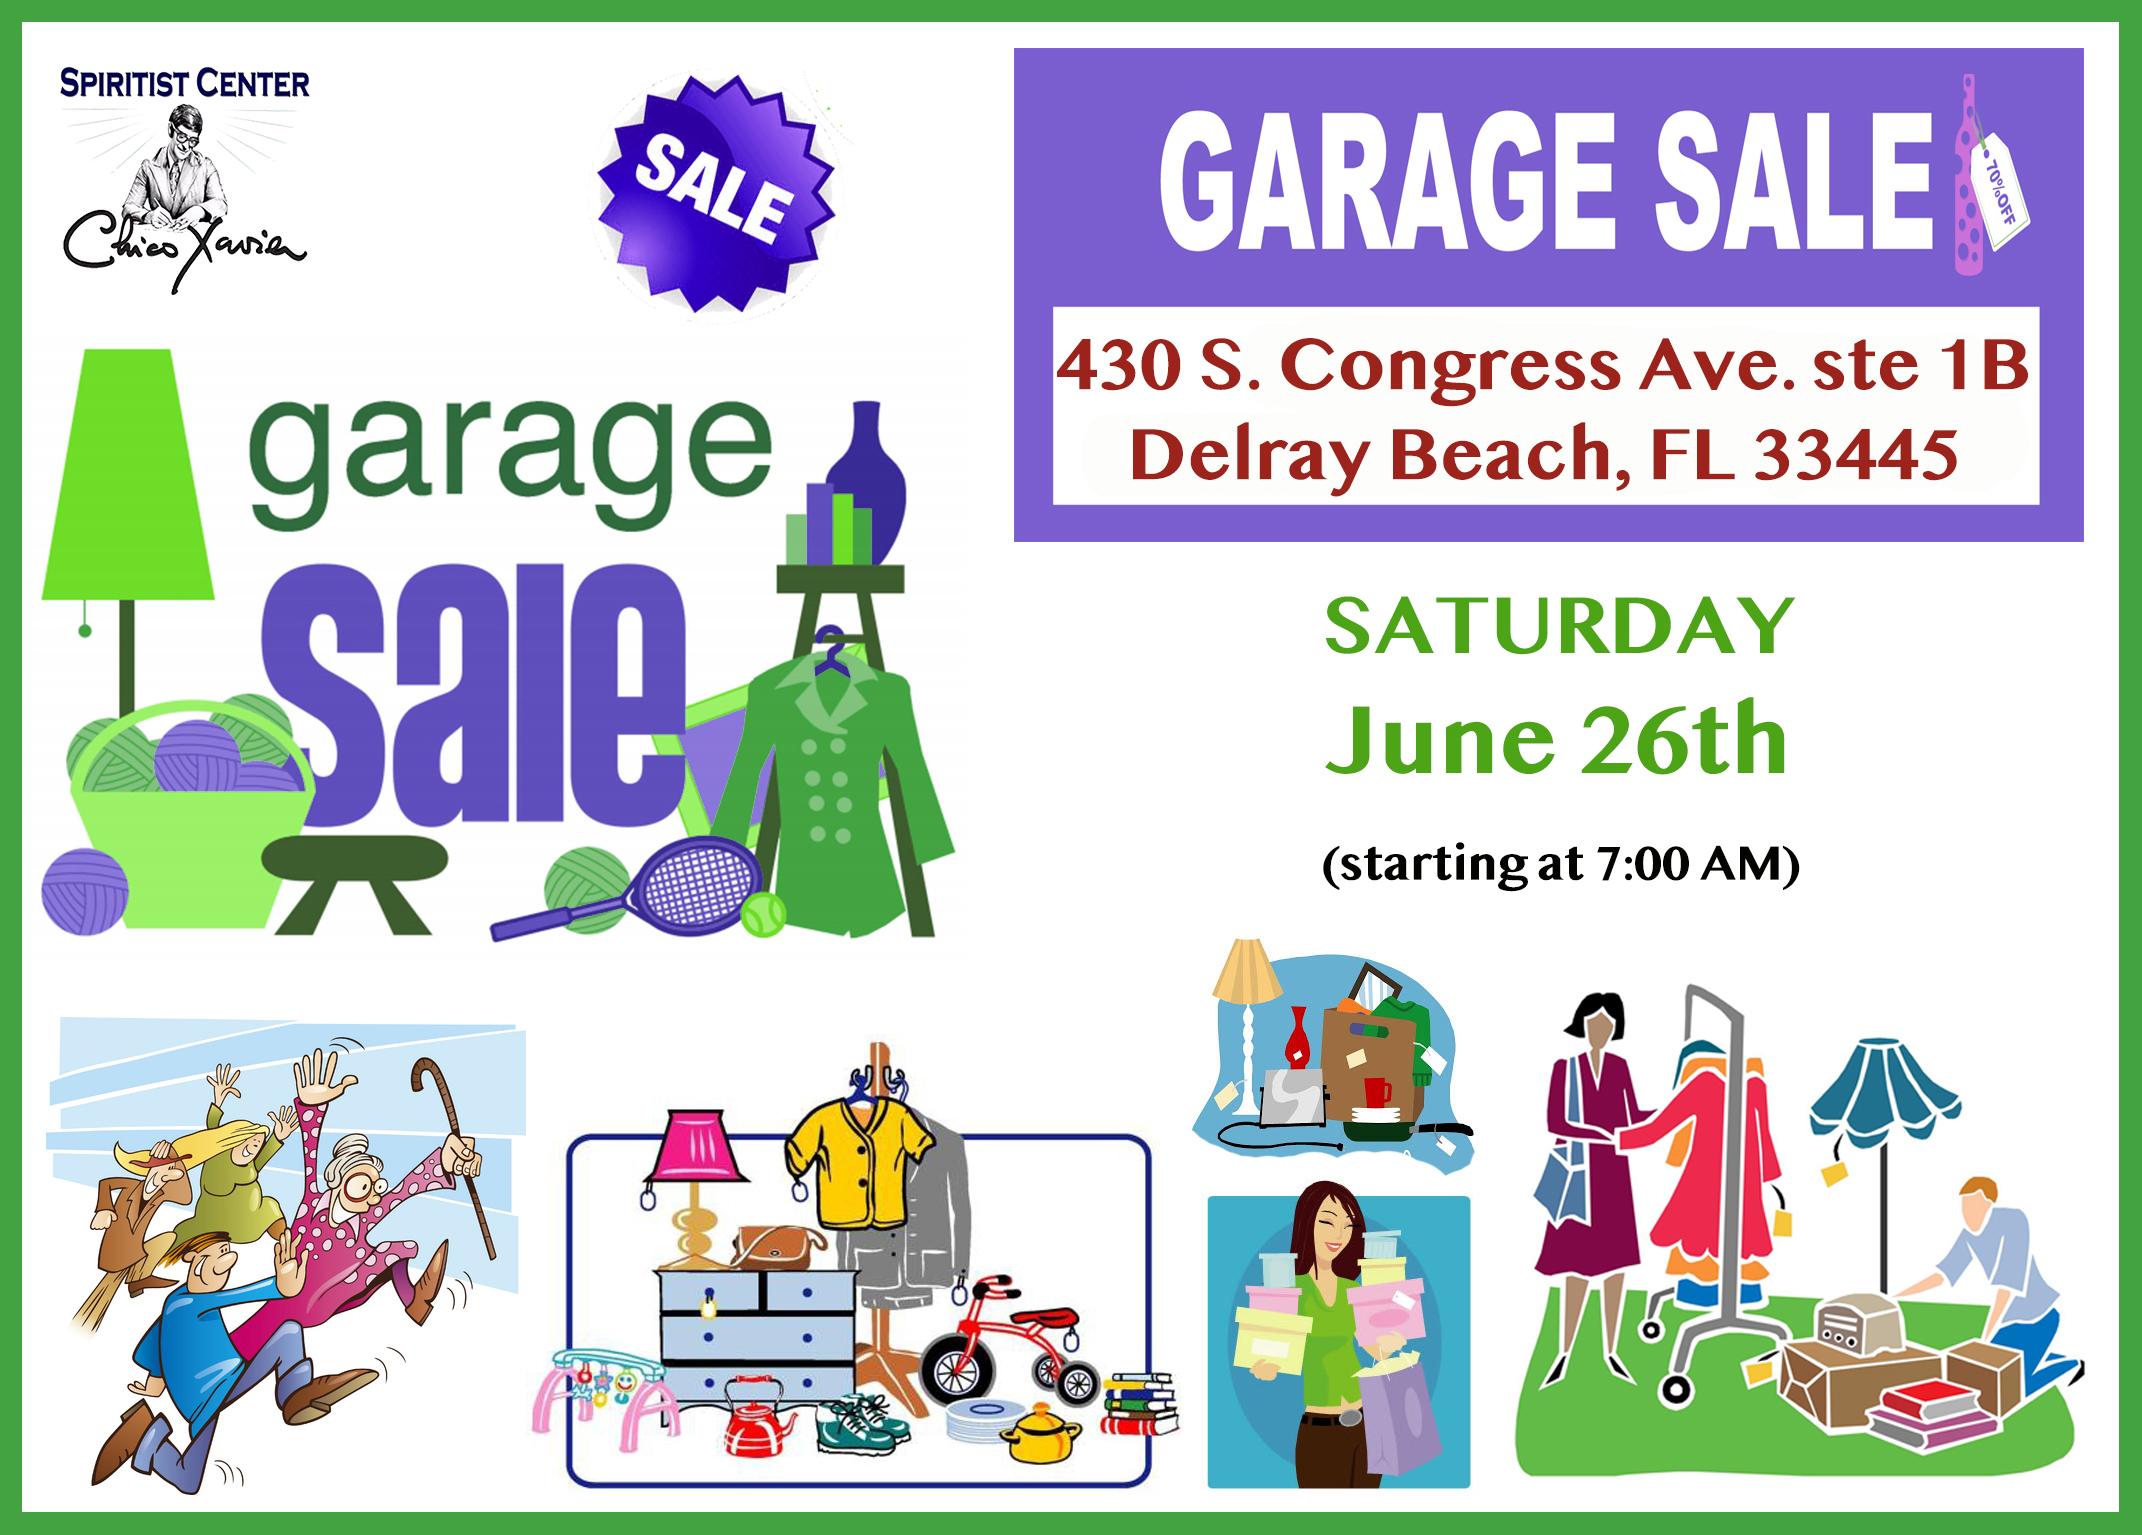 Garage sale June 26th framed